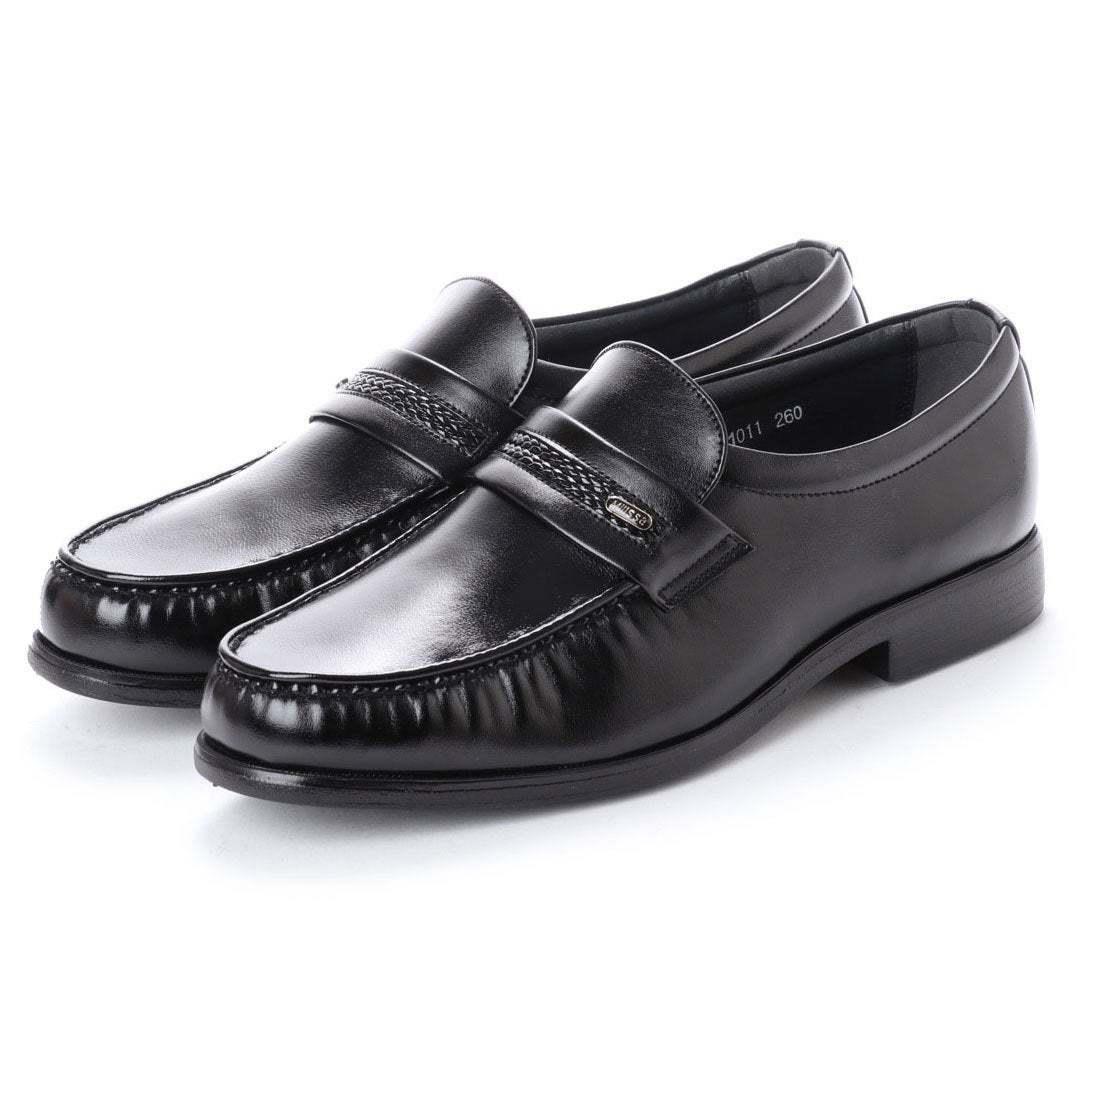 【安い】 超軽量 紳士靴 メンズ ビジネスシューズ スリッポン モカシン ウォーキングシューズ 幅広 4E 抗菌 防臭 1011 ブラック 黒 26.5cm